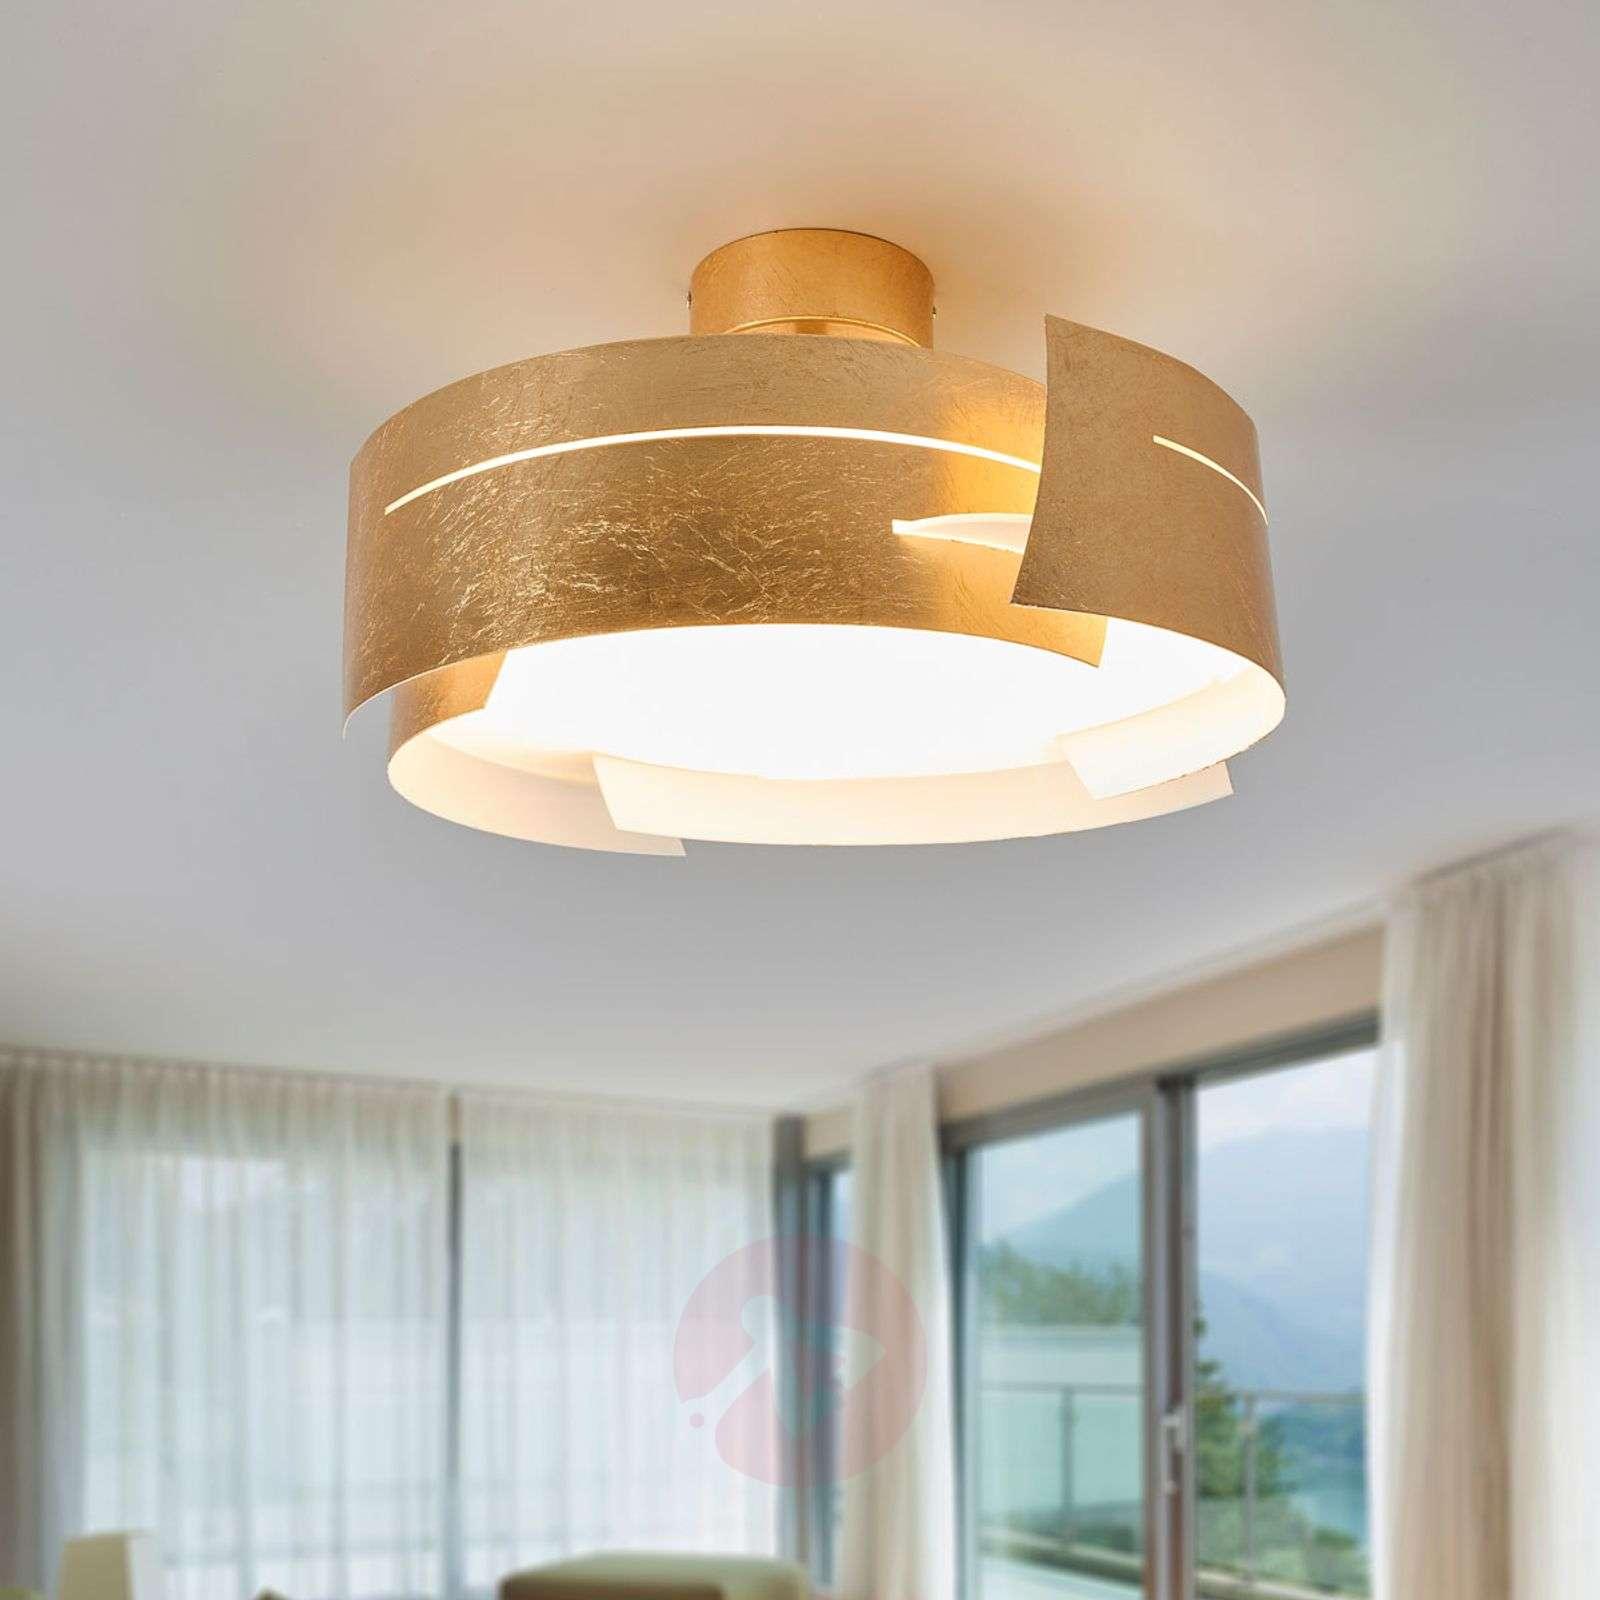 Kaunis Keyron LED-kattovalaisin, matta kulta-9625119-01